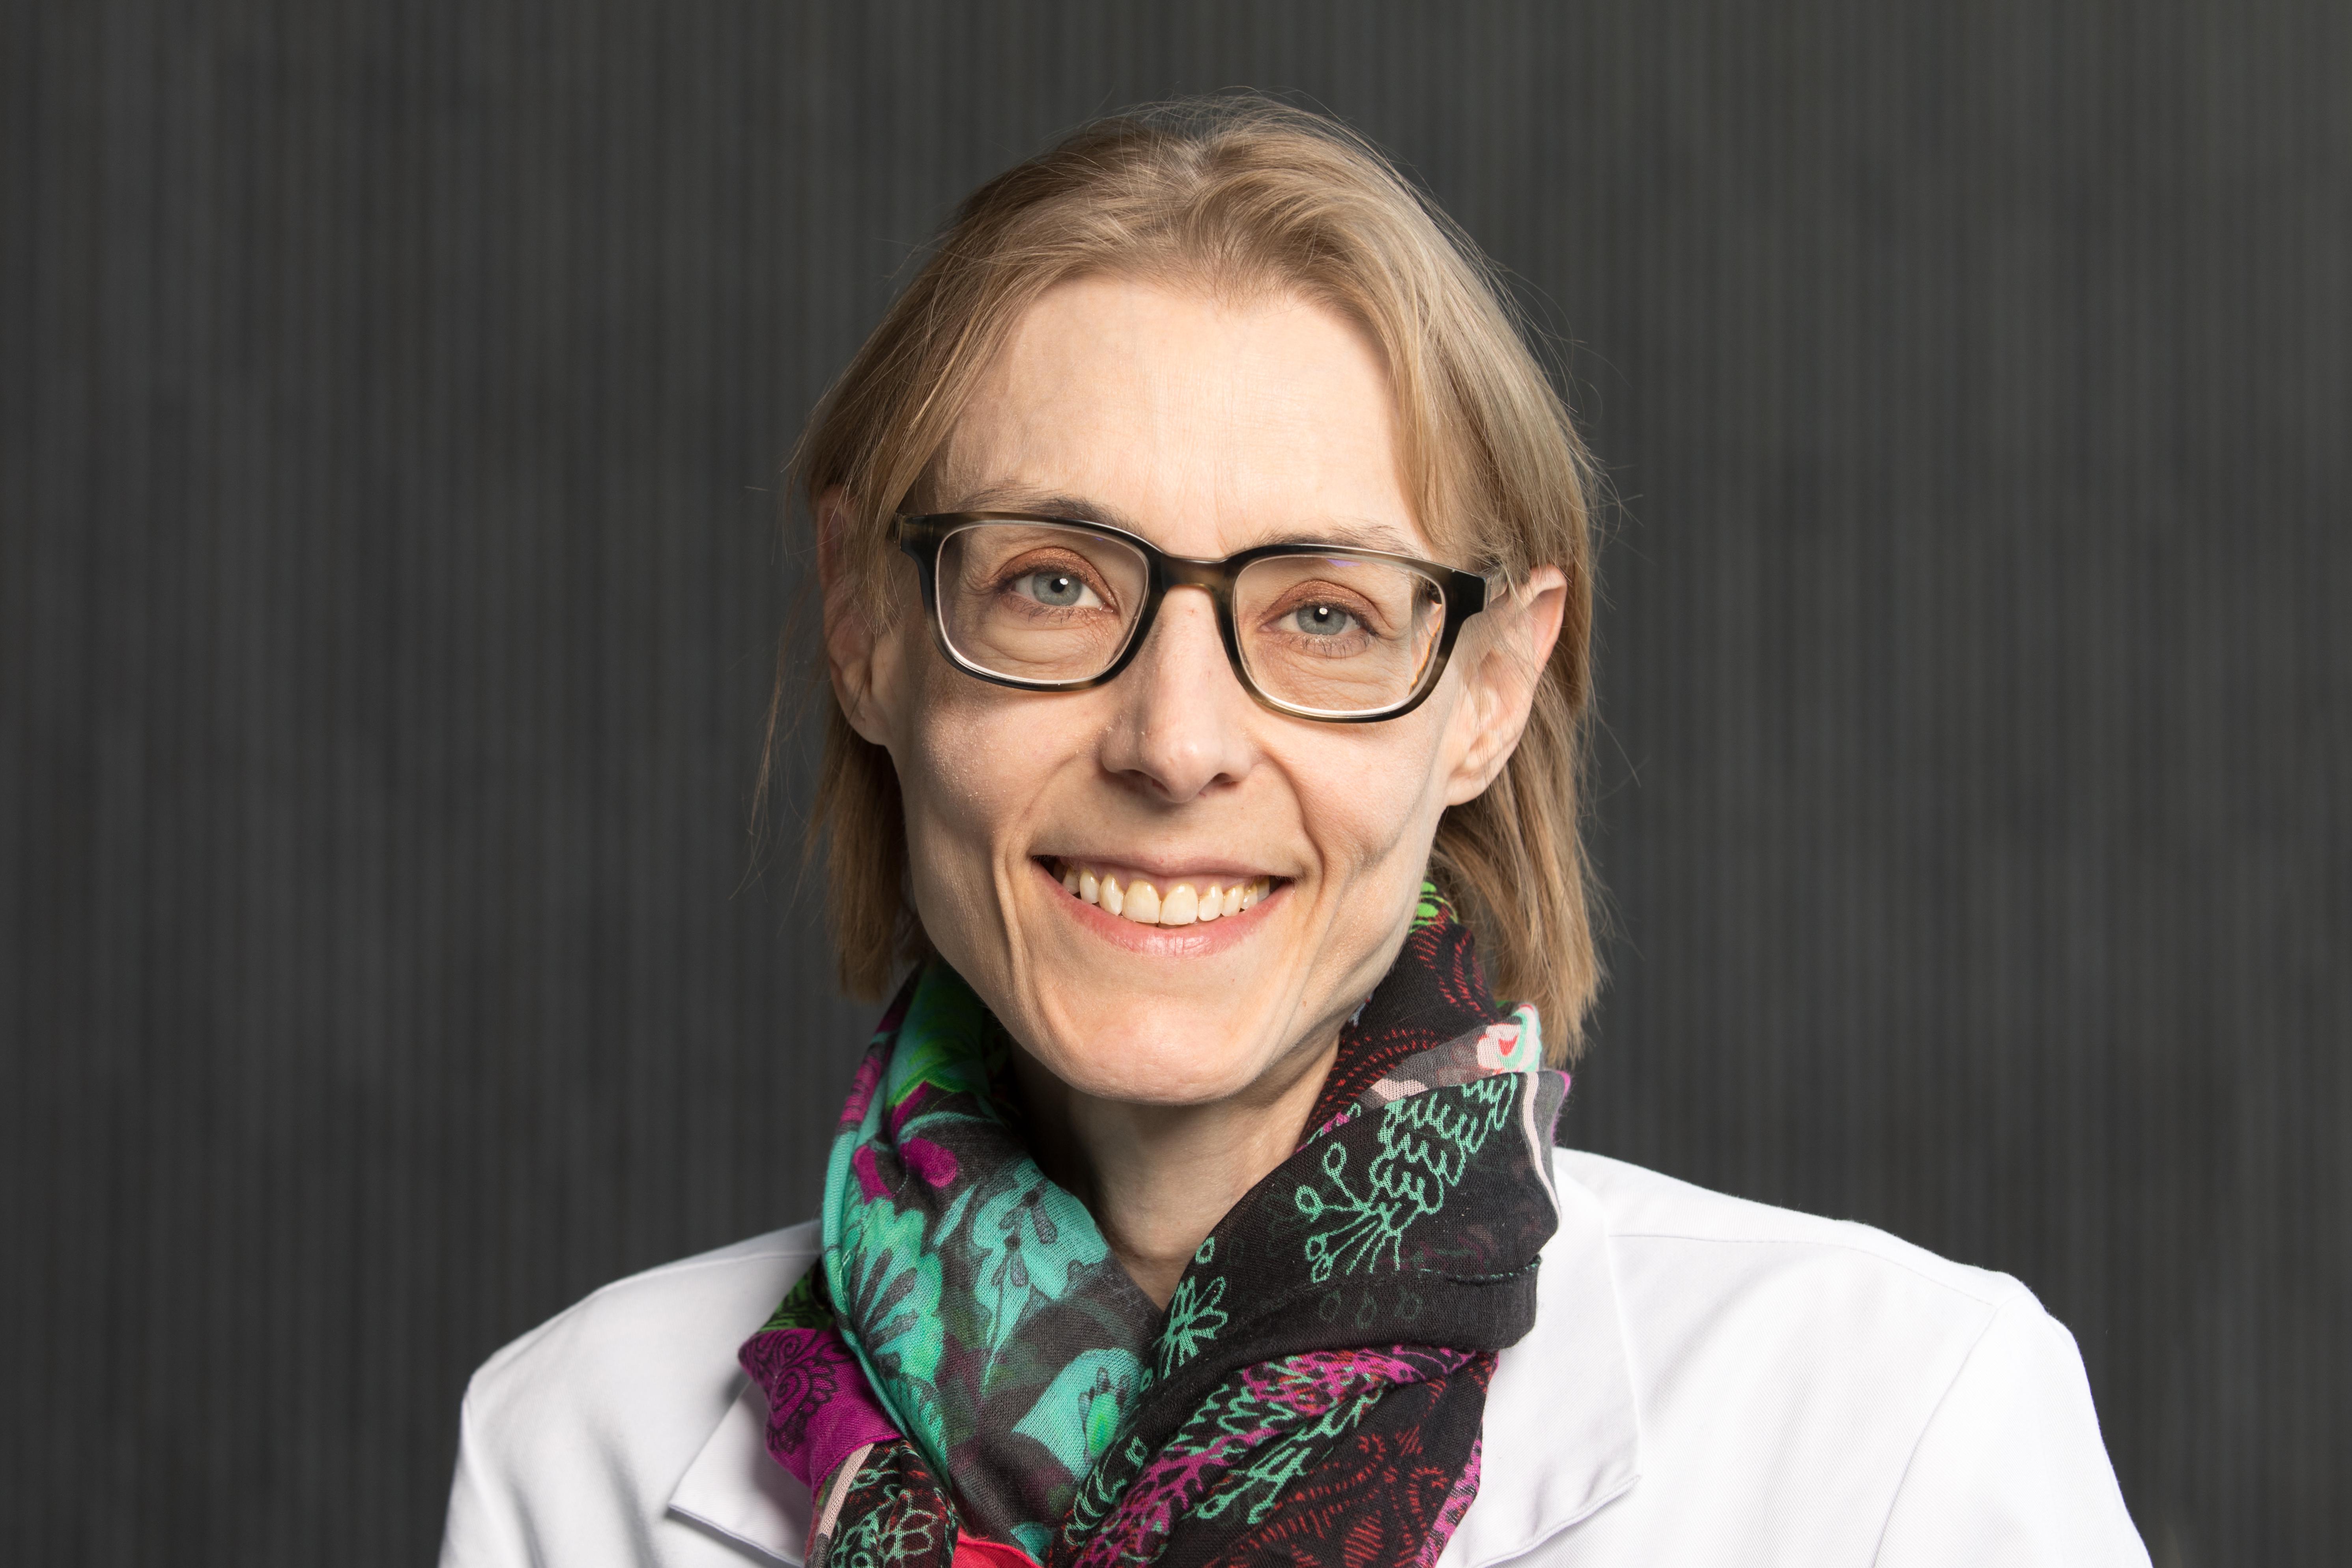 PD Dr. med. Antonella Palla